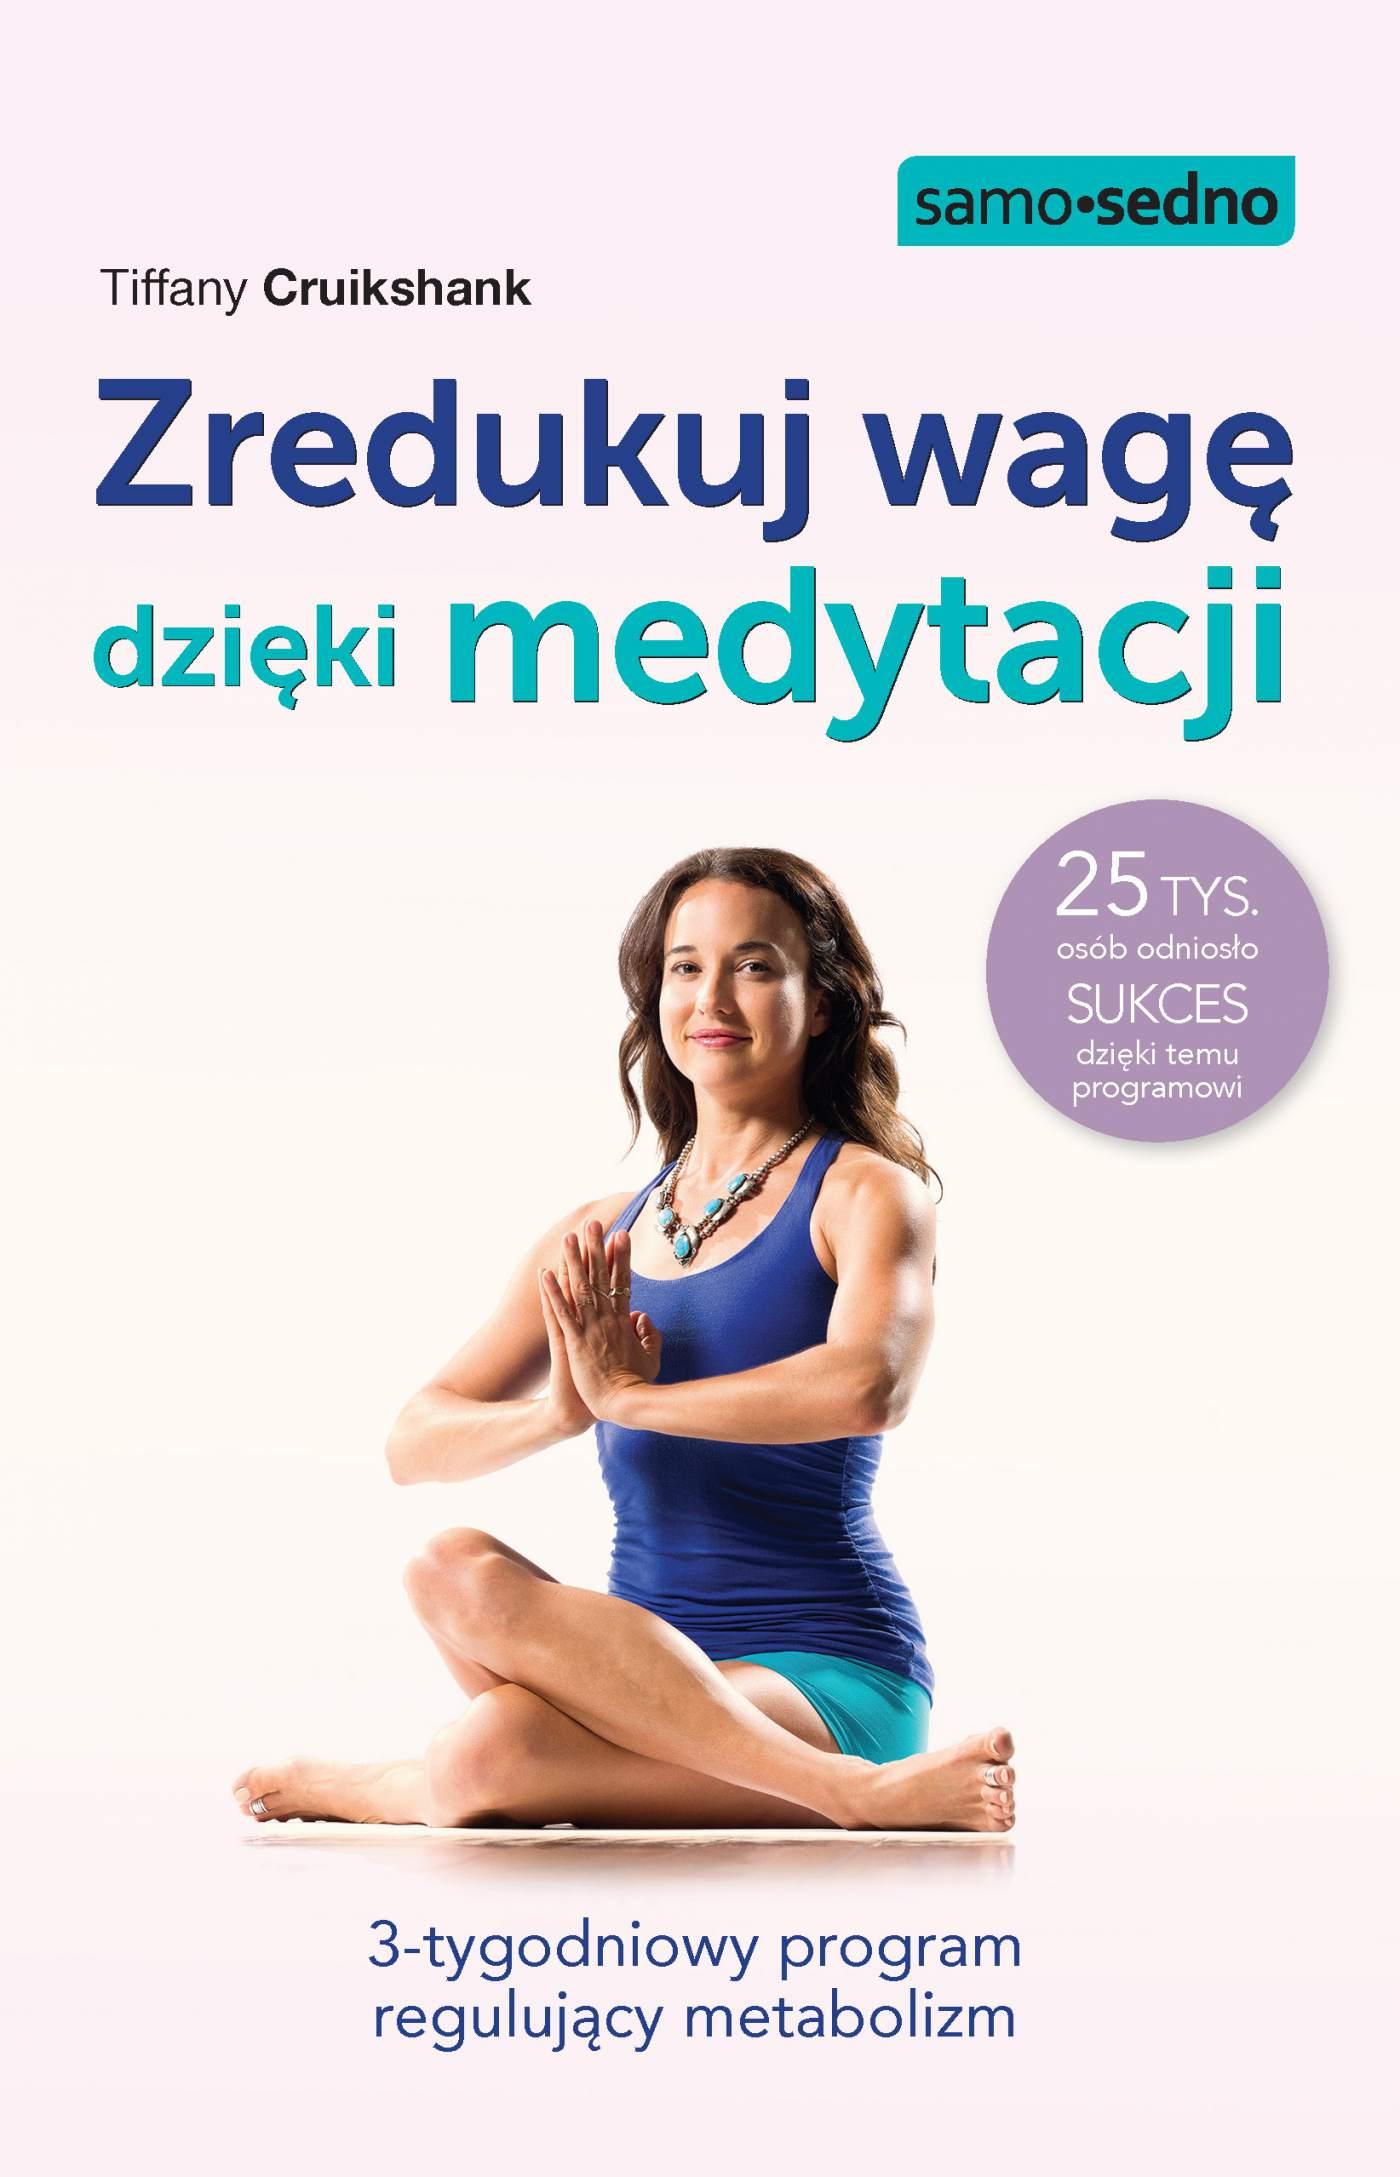 Zredukuj wagę dzięki medytacji - Ebook (Książka EPUB) do pobrania w formacie EPUB